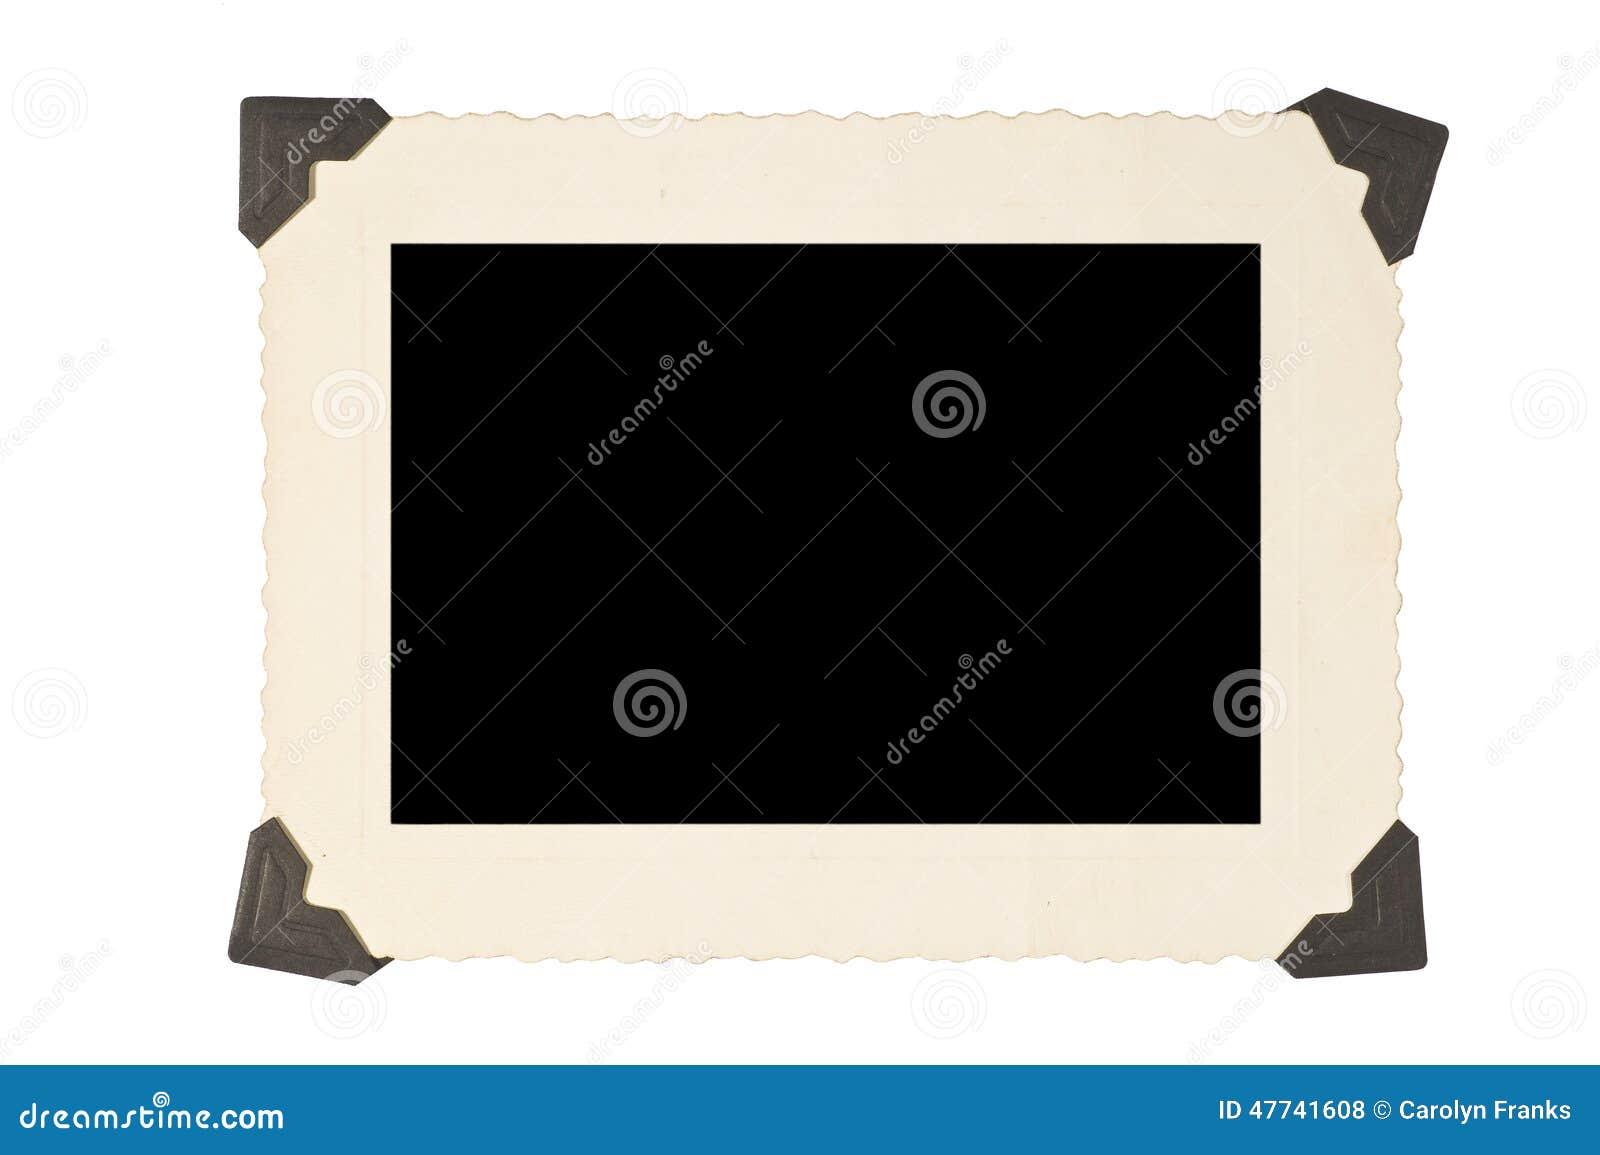 Bilderrahmen Mit Ecken Auf Weißem Hintergrund Stockfoto - Bild von ...